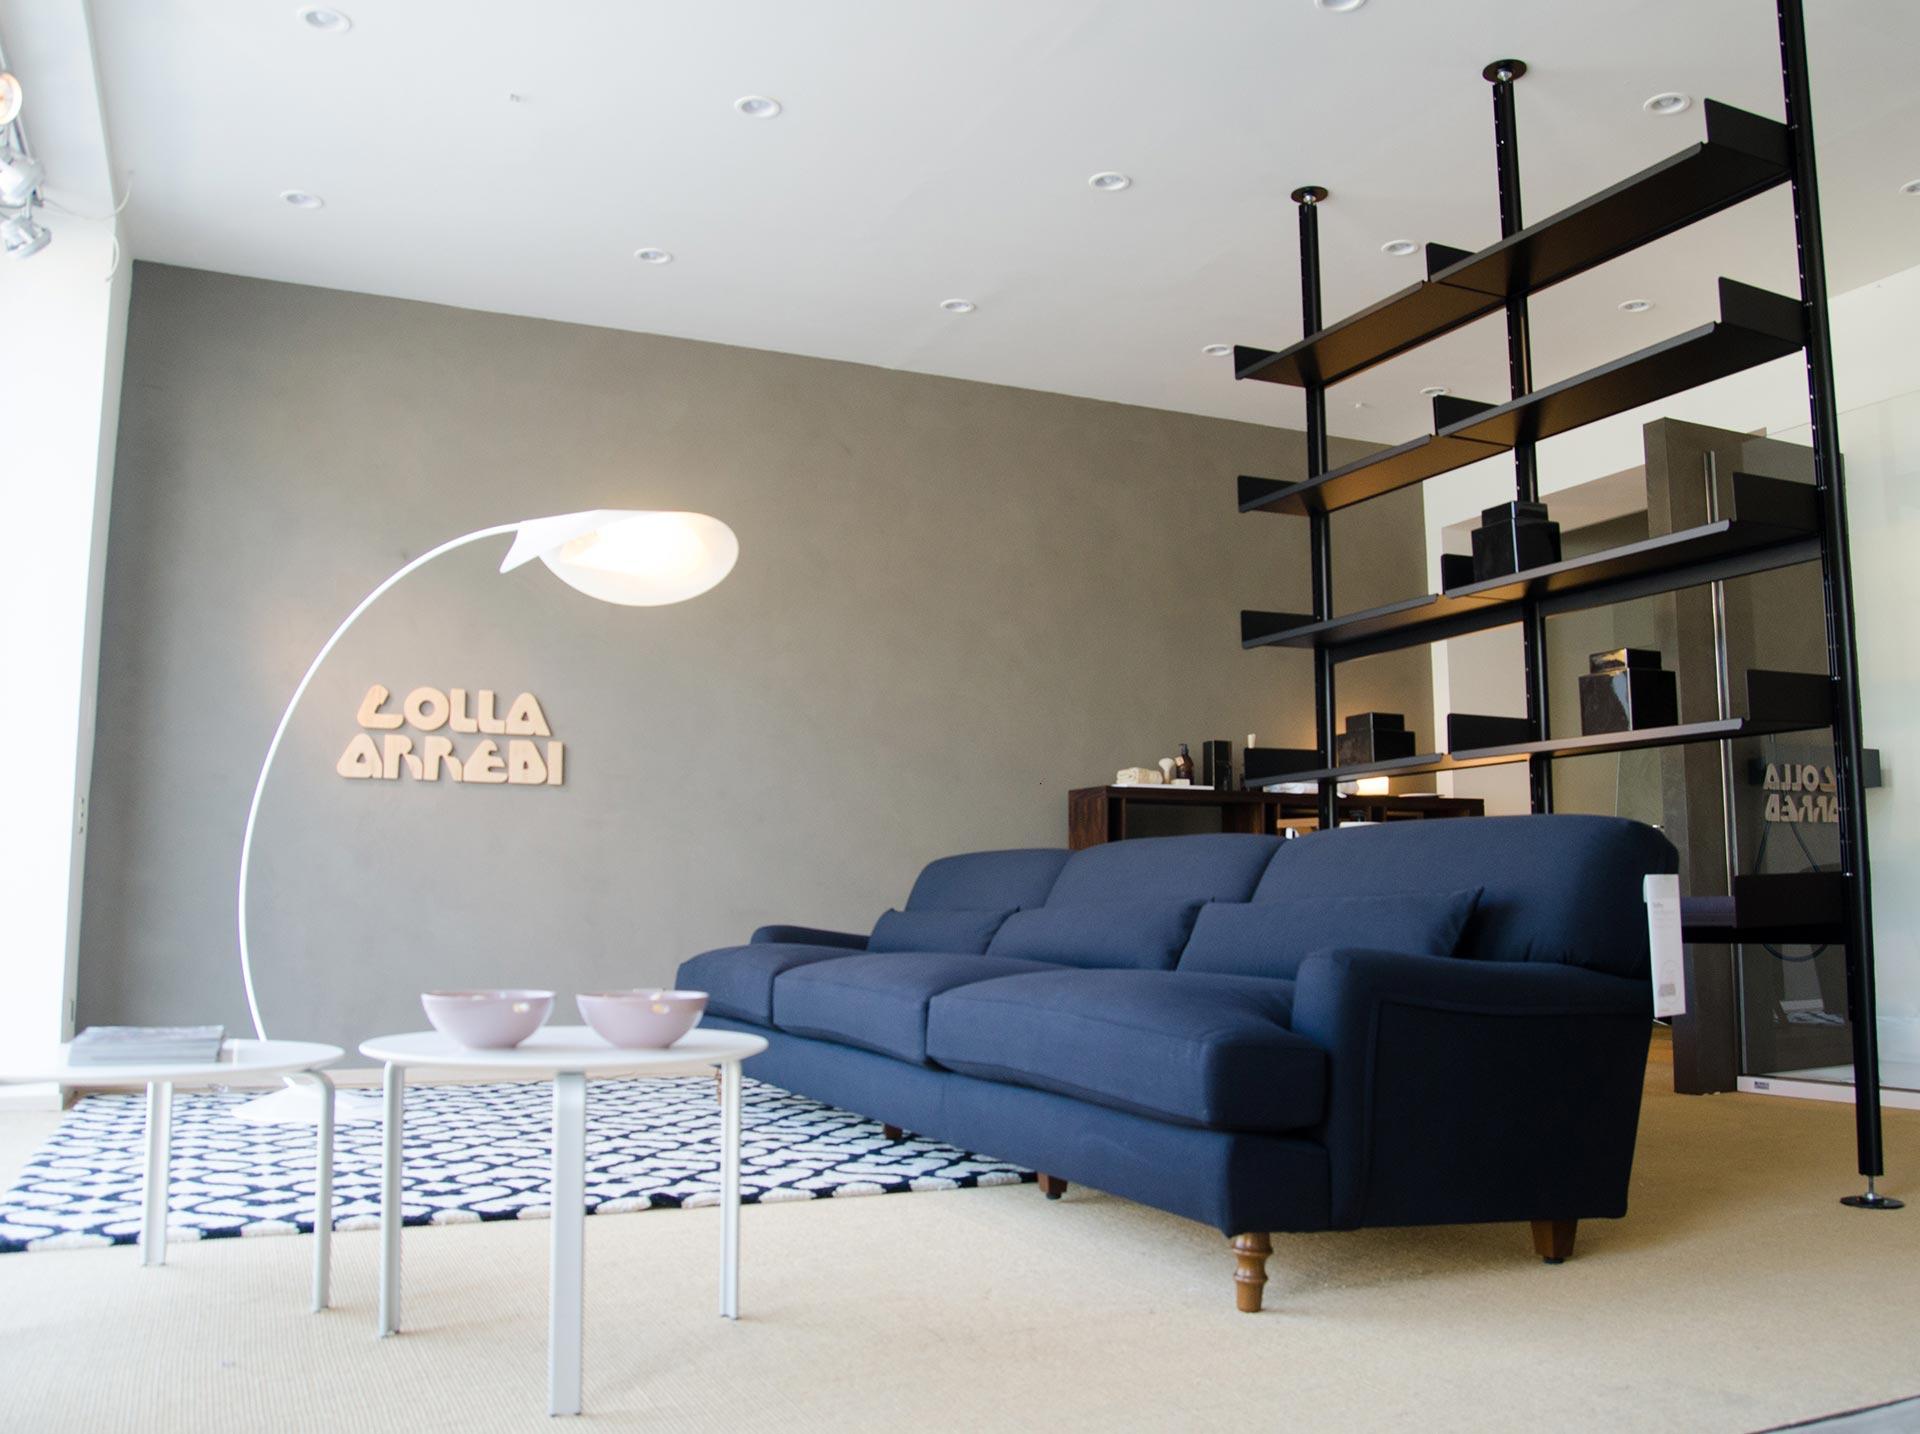 Colla Arredi, negozio arredamento Alessandria, provincia di Alessandria, Piemonte